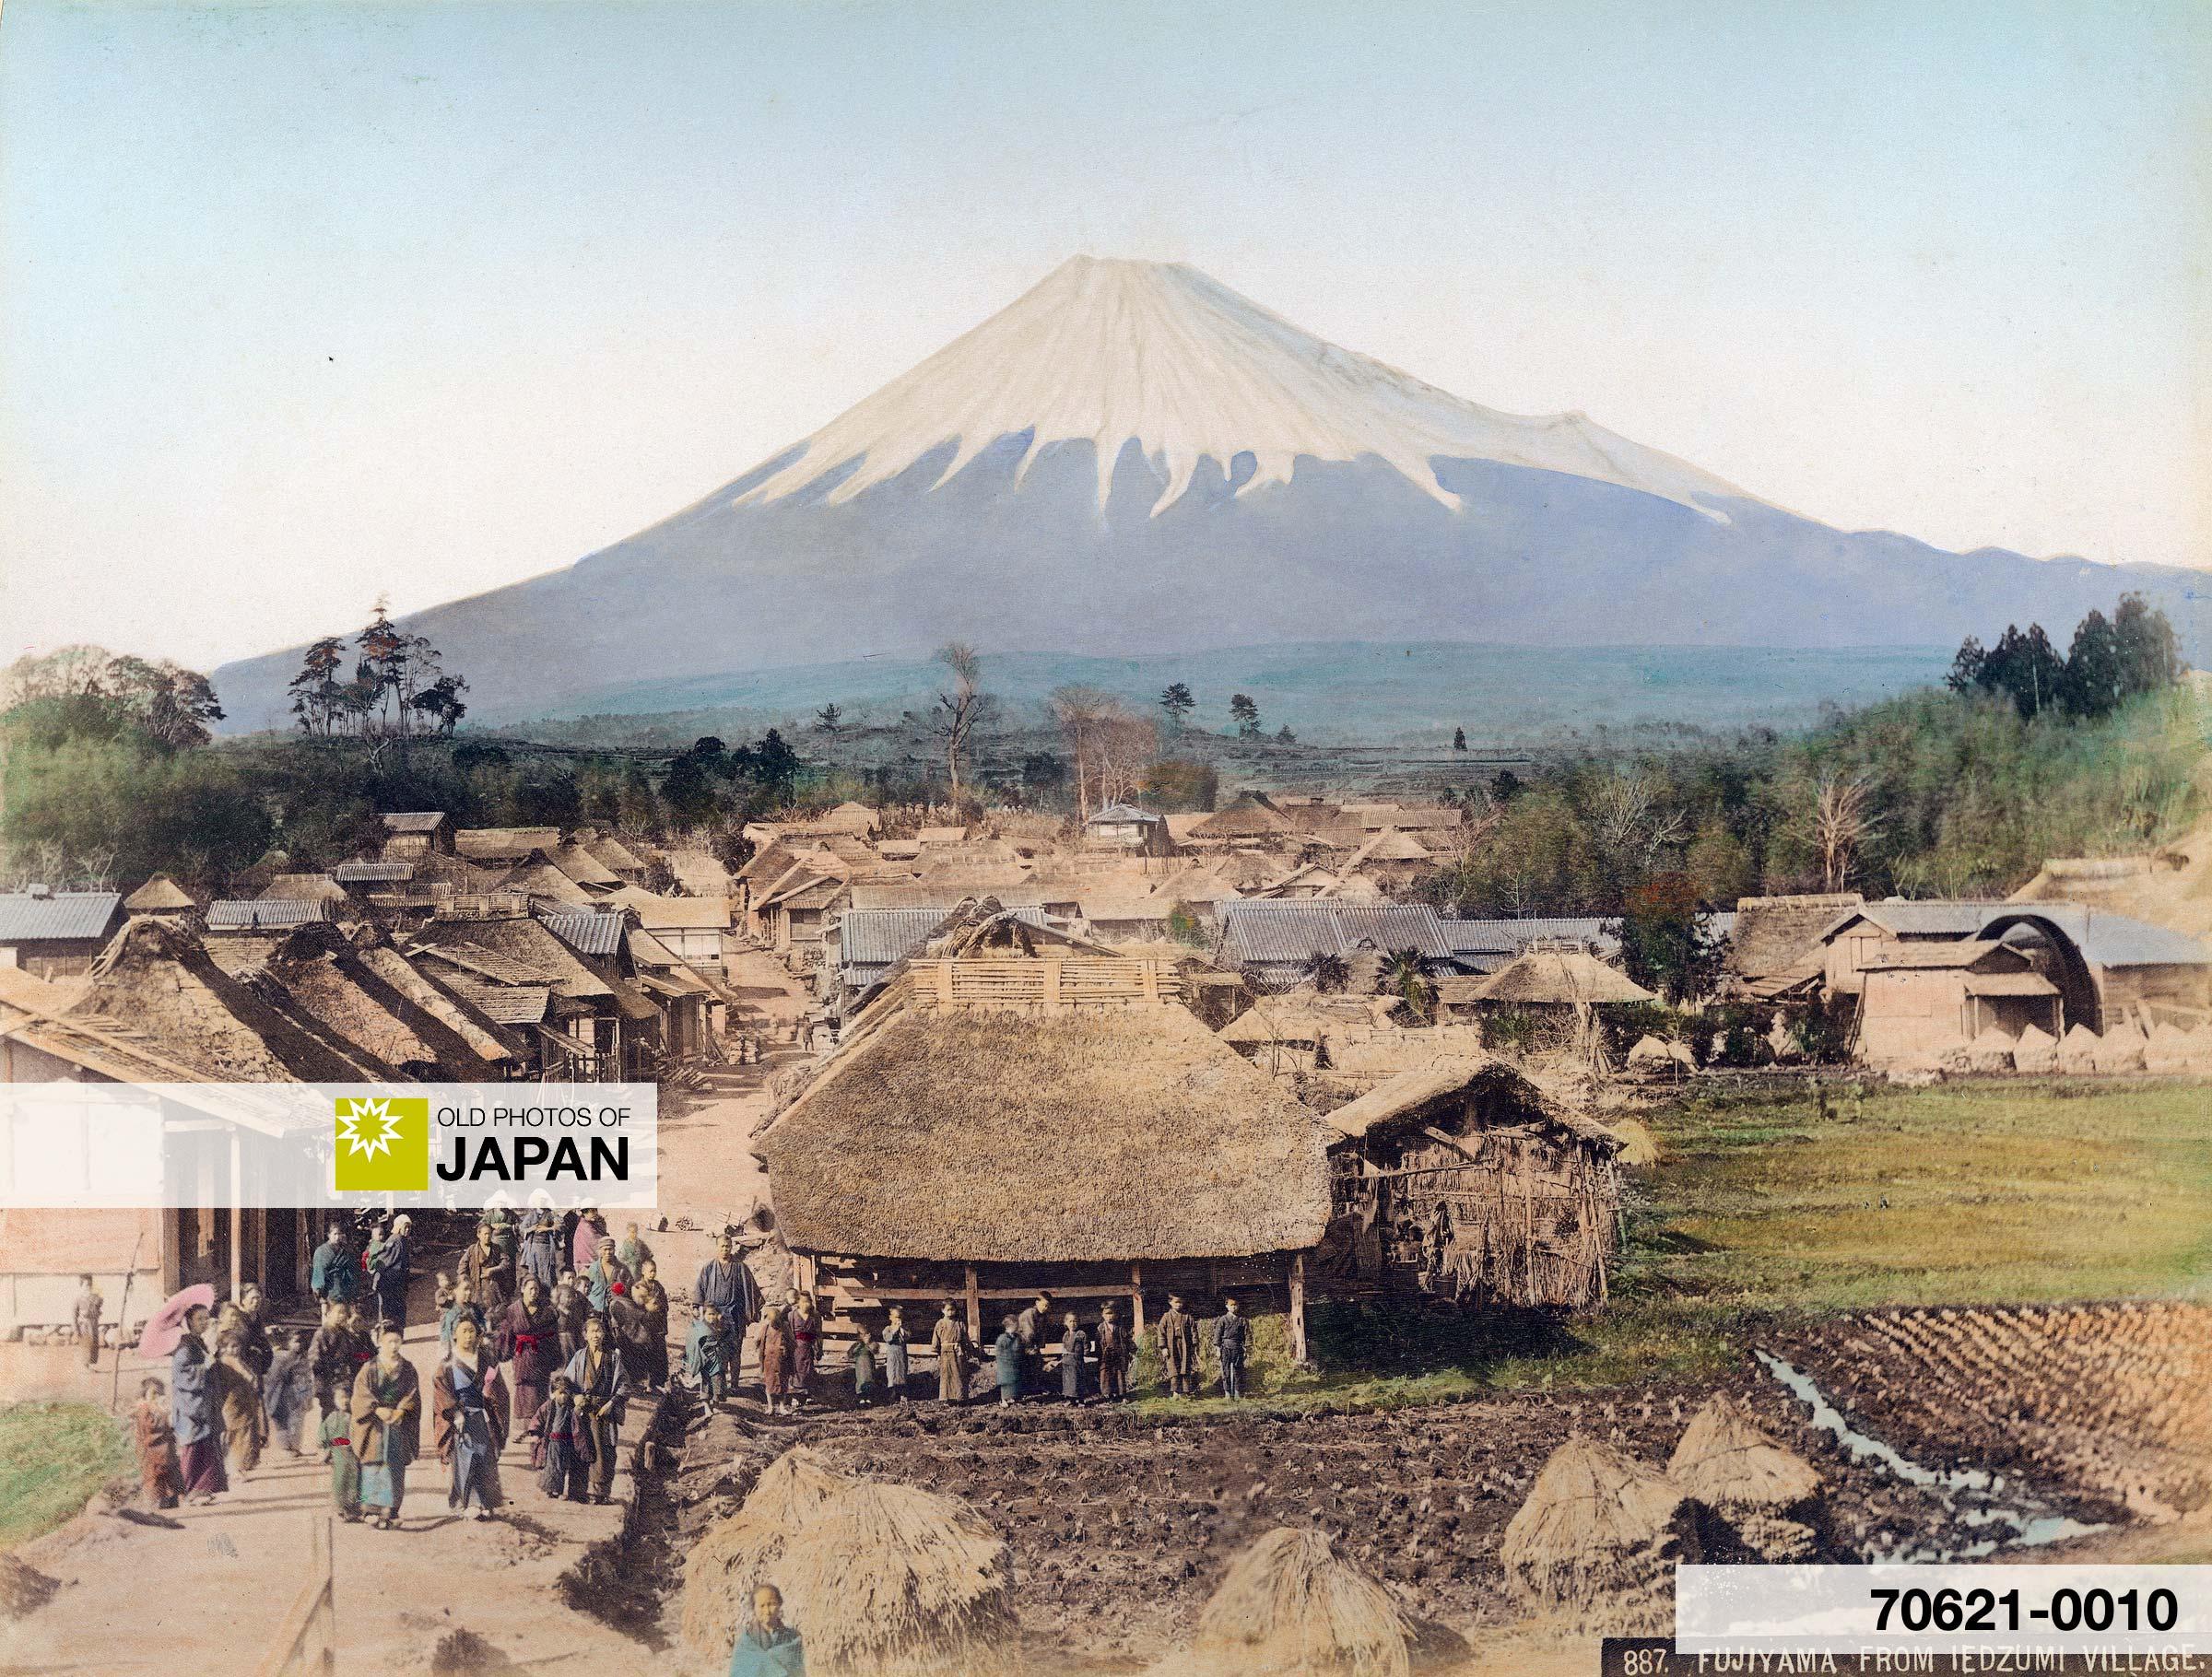 Mt. Fuji from Iedzumi Village